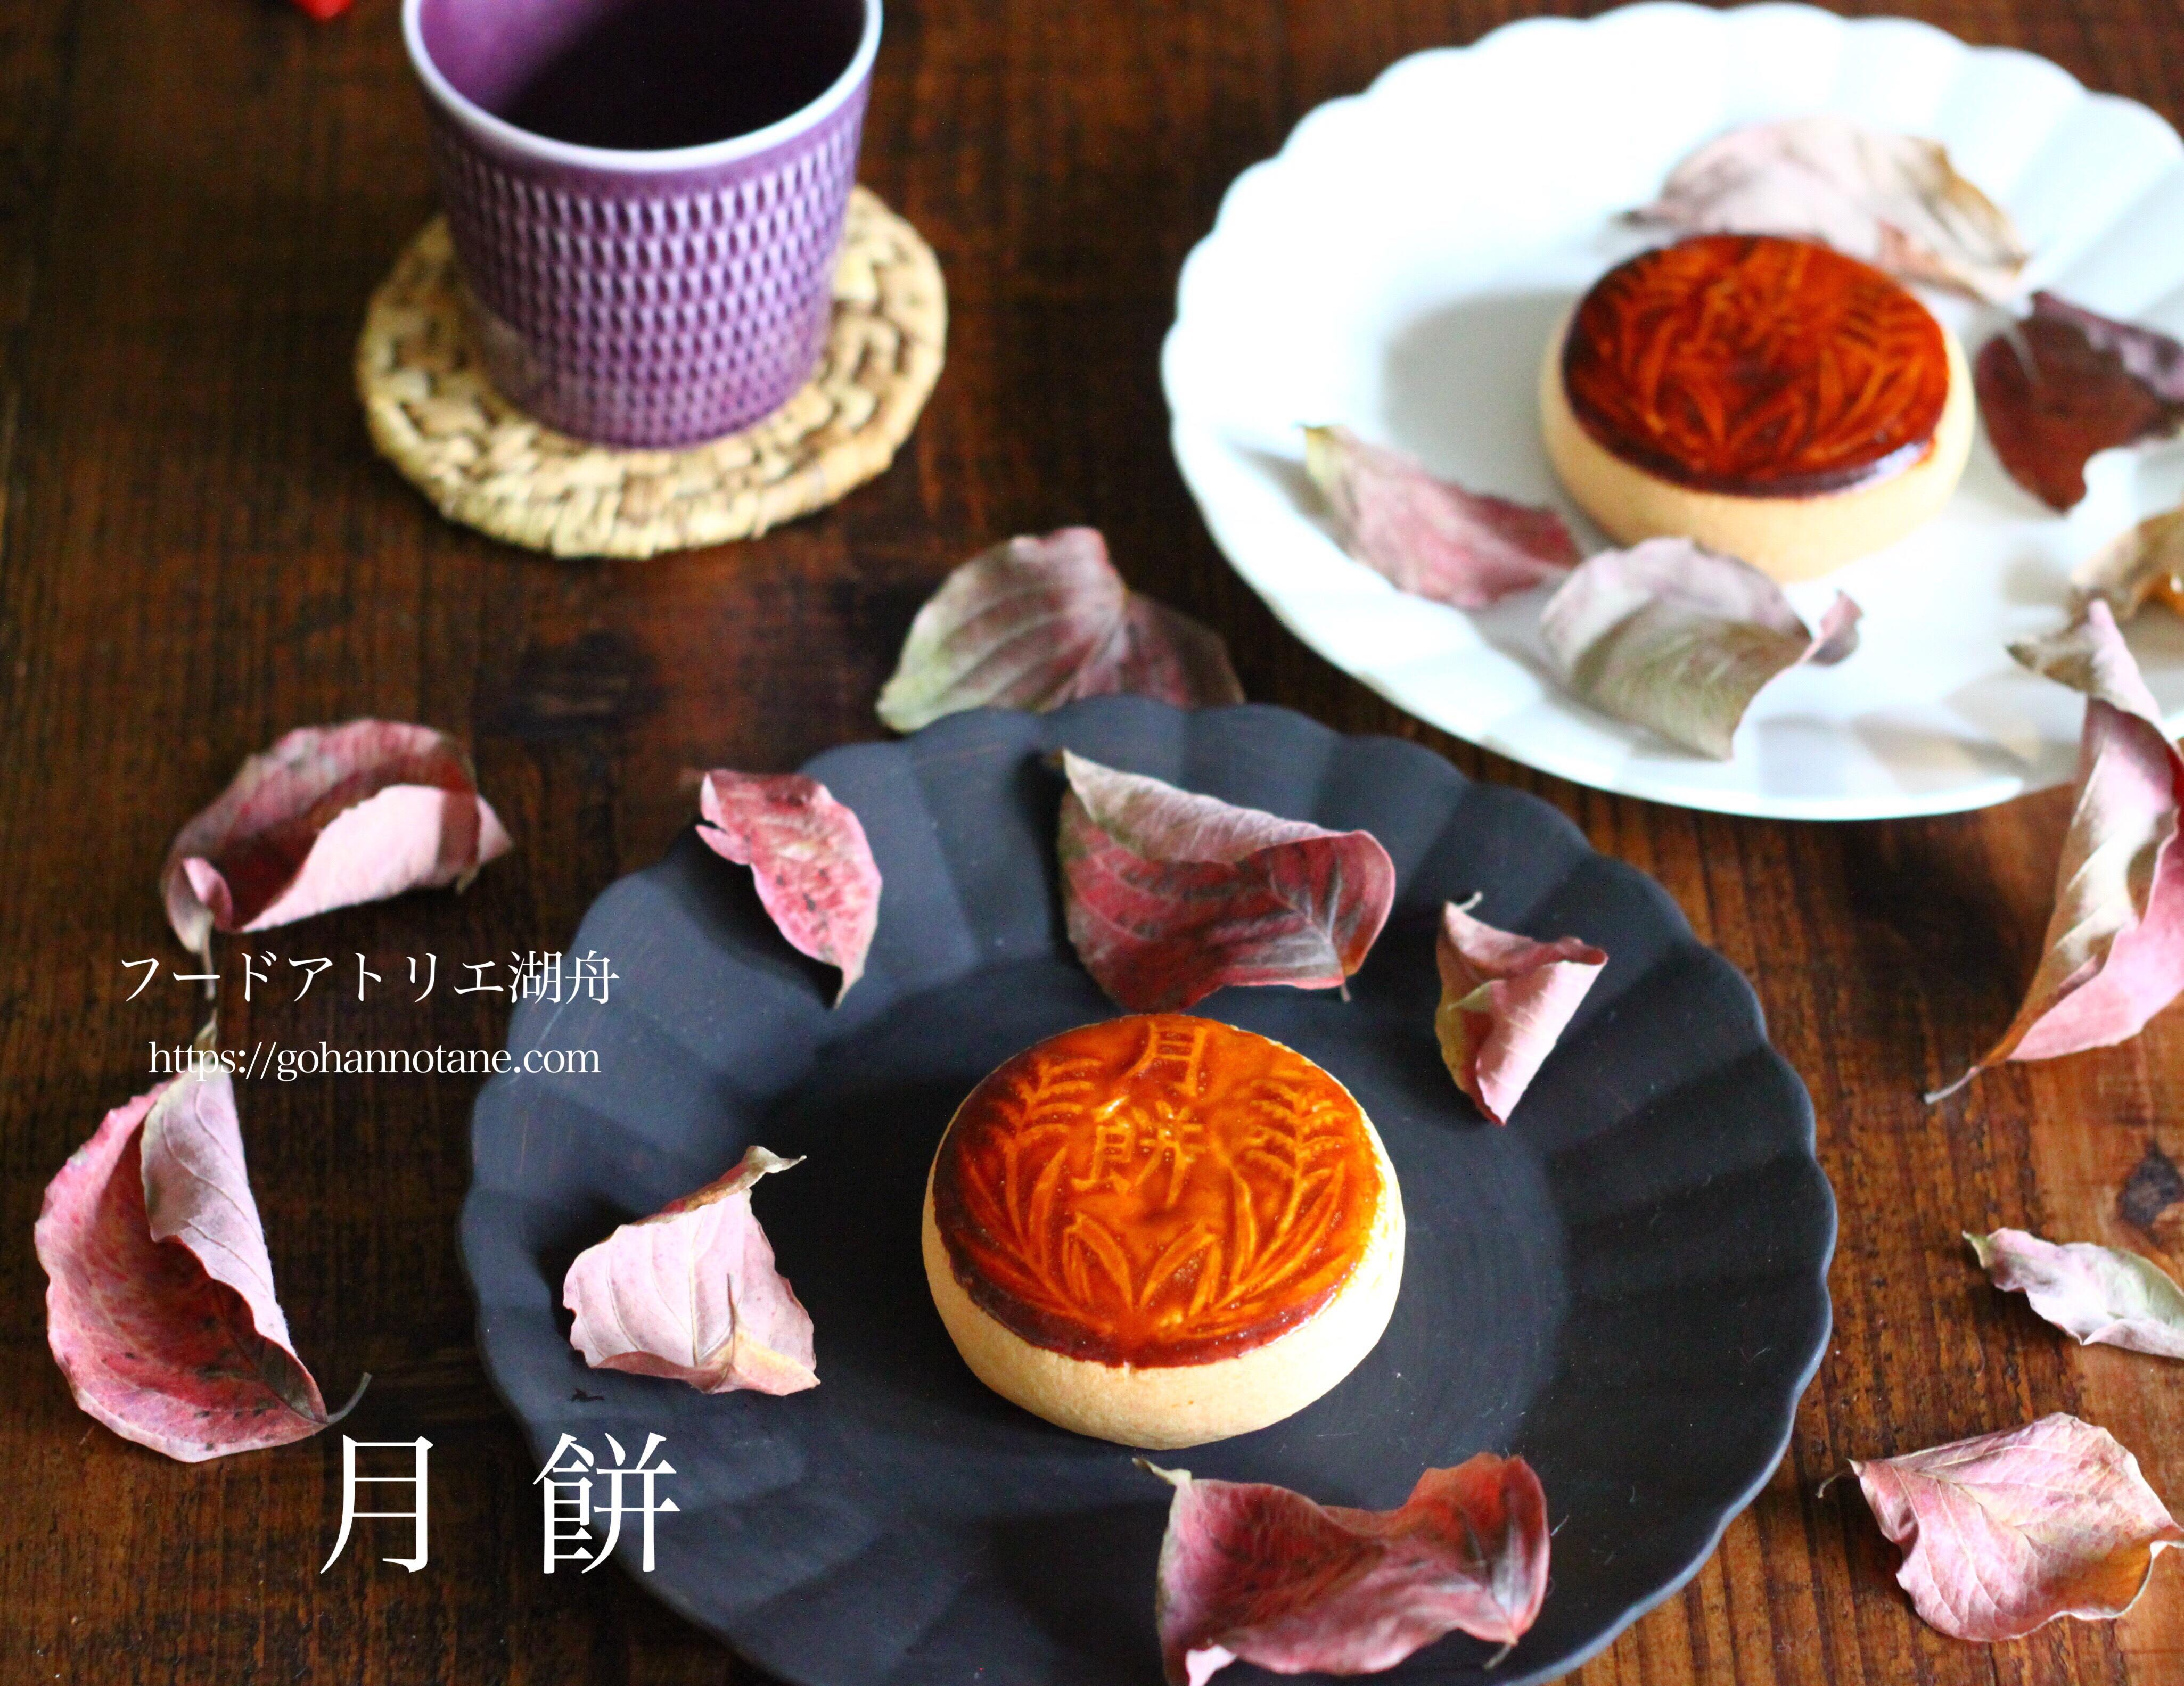 月餅と和菓子と皮白竹コースター